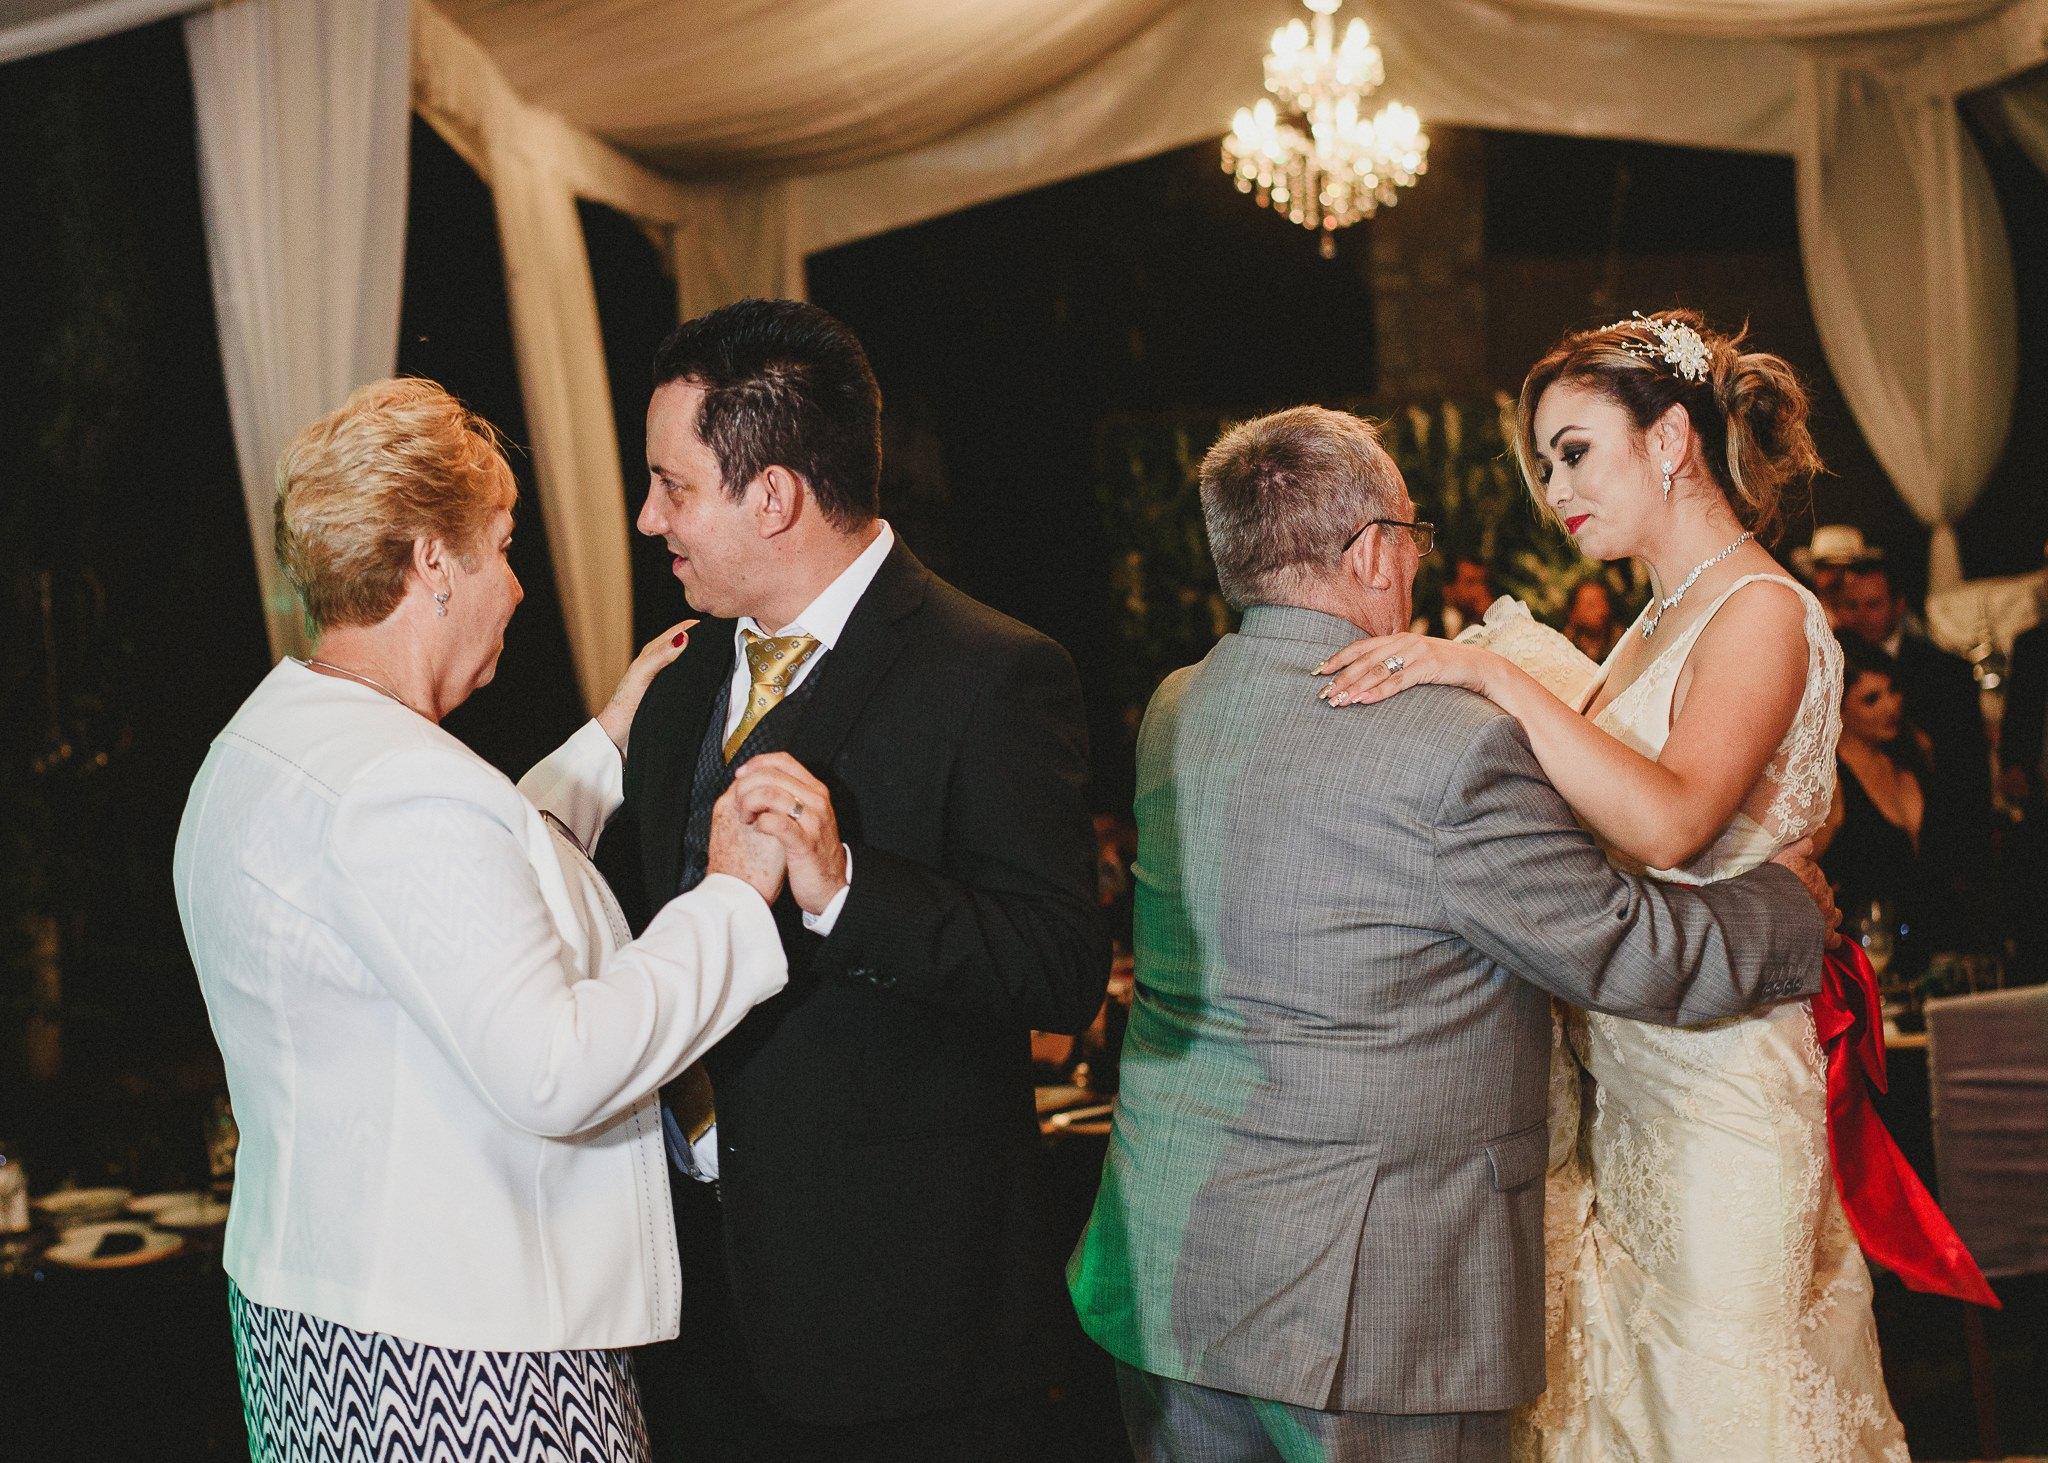 03boda-en-jardin-wedding-hacienda-los-cuartos-fotografo-luis-houdin116